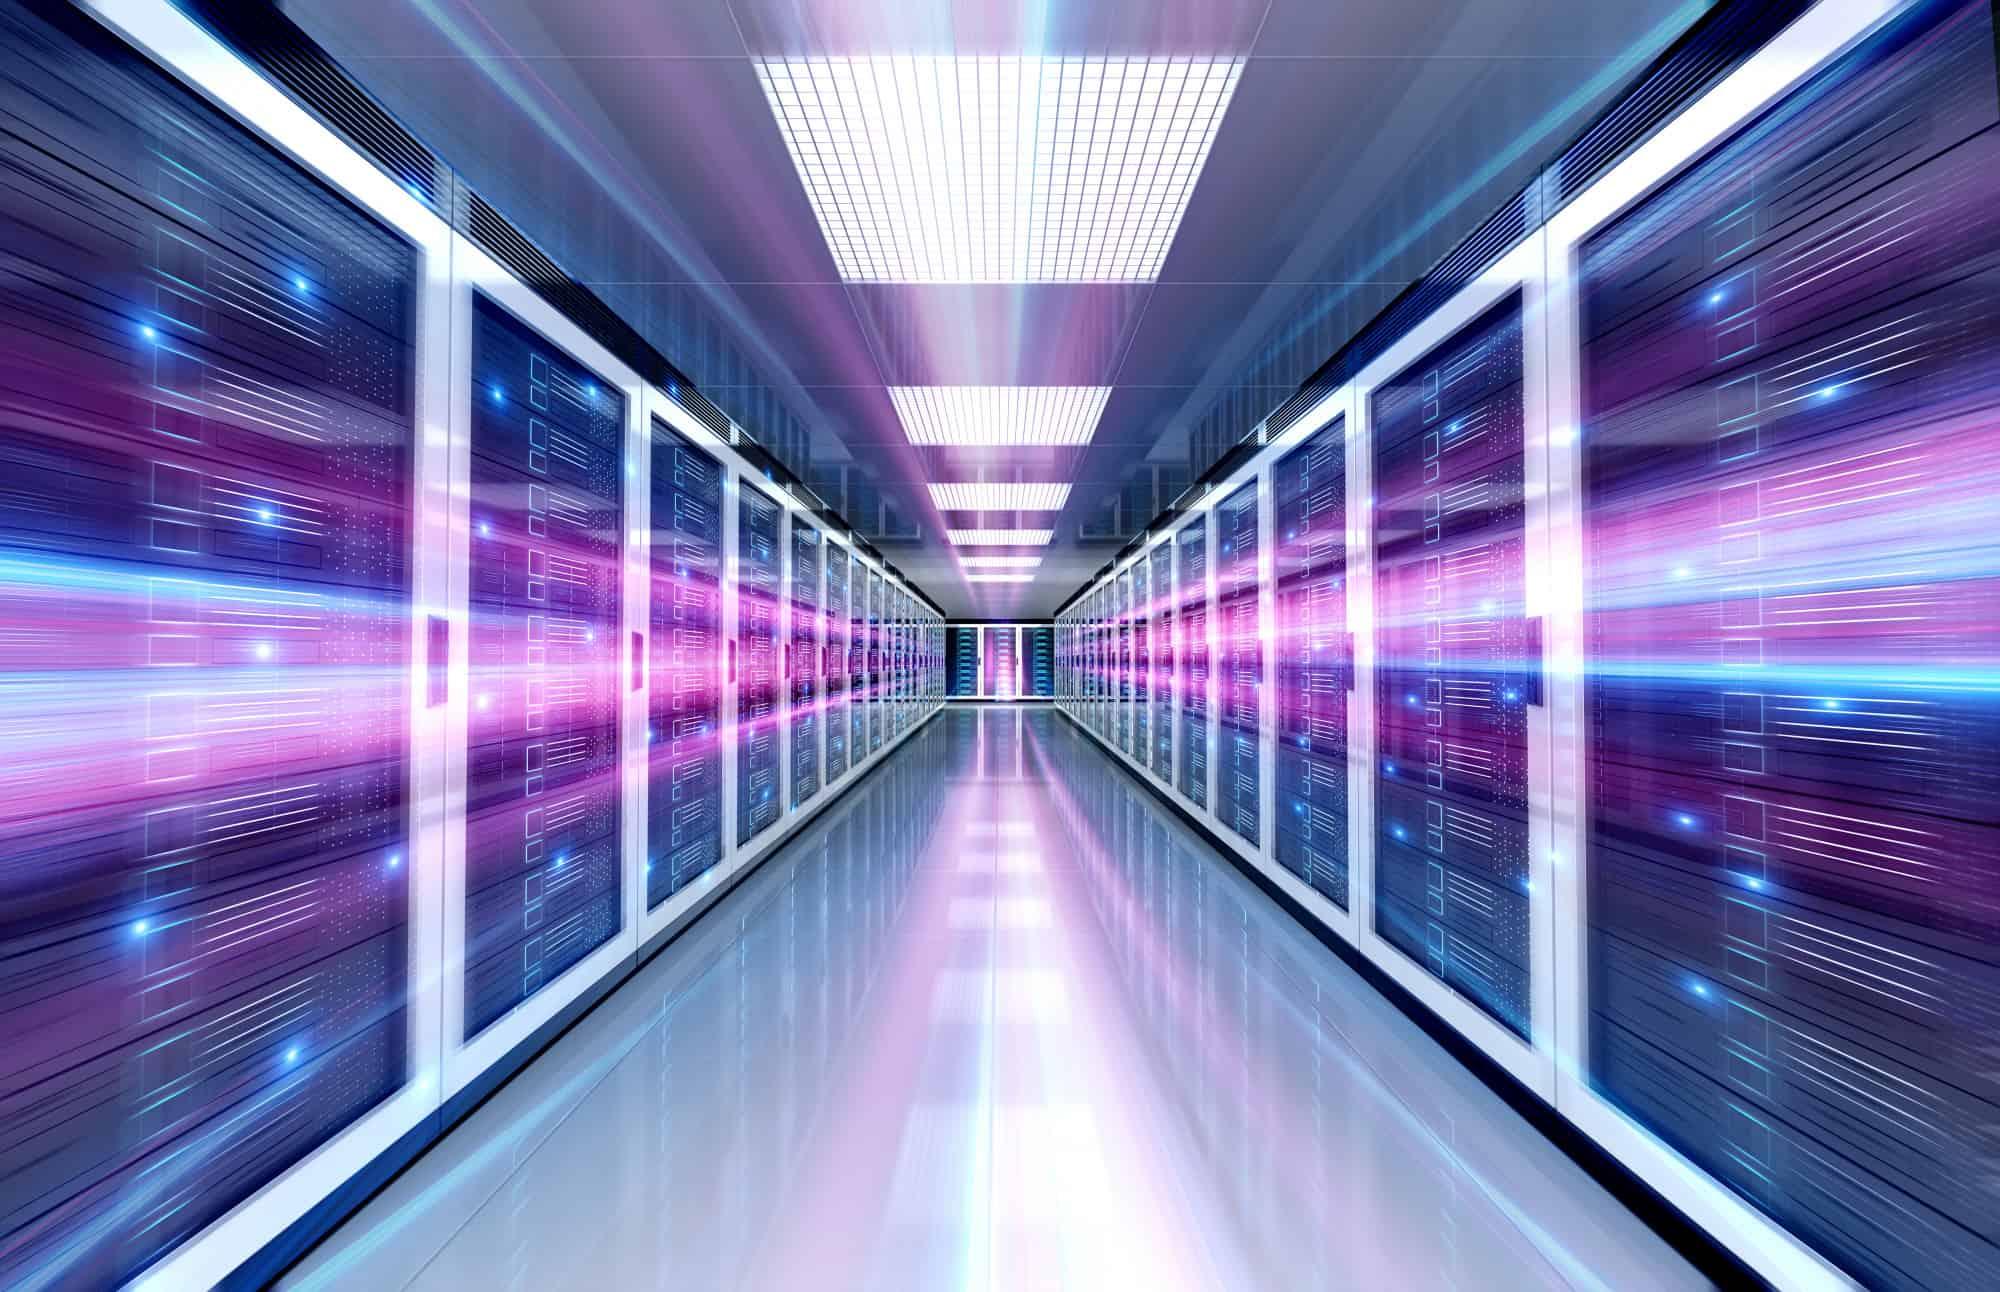 בסט לינקס קרדיט תמונה: freepikservers-data-center-room-with-bright-speed-light-through-corridor